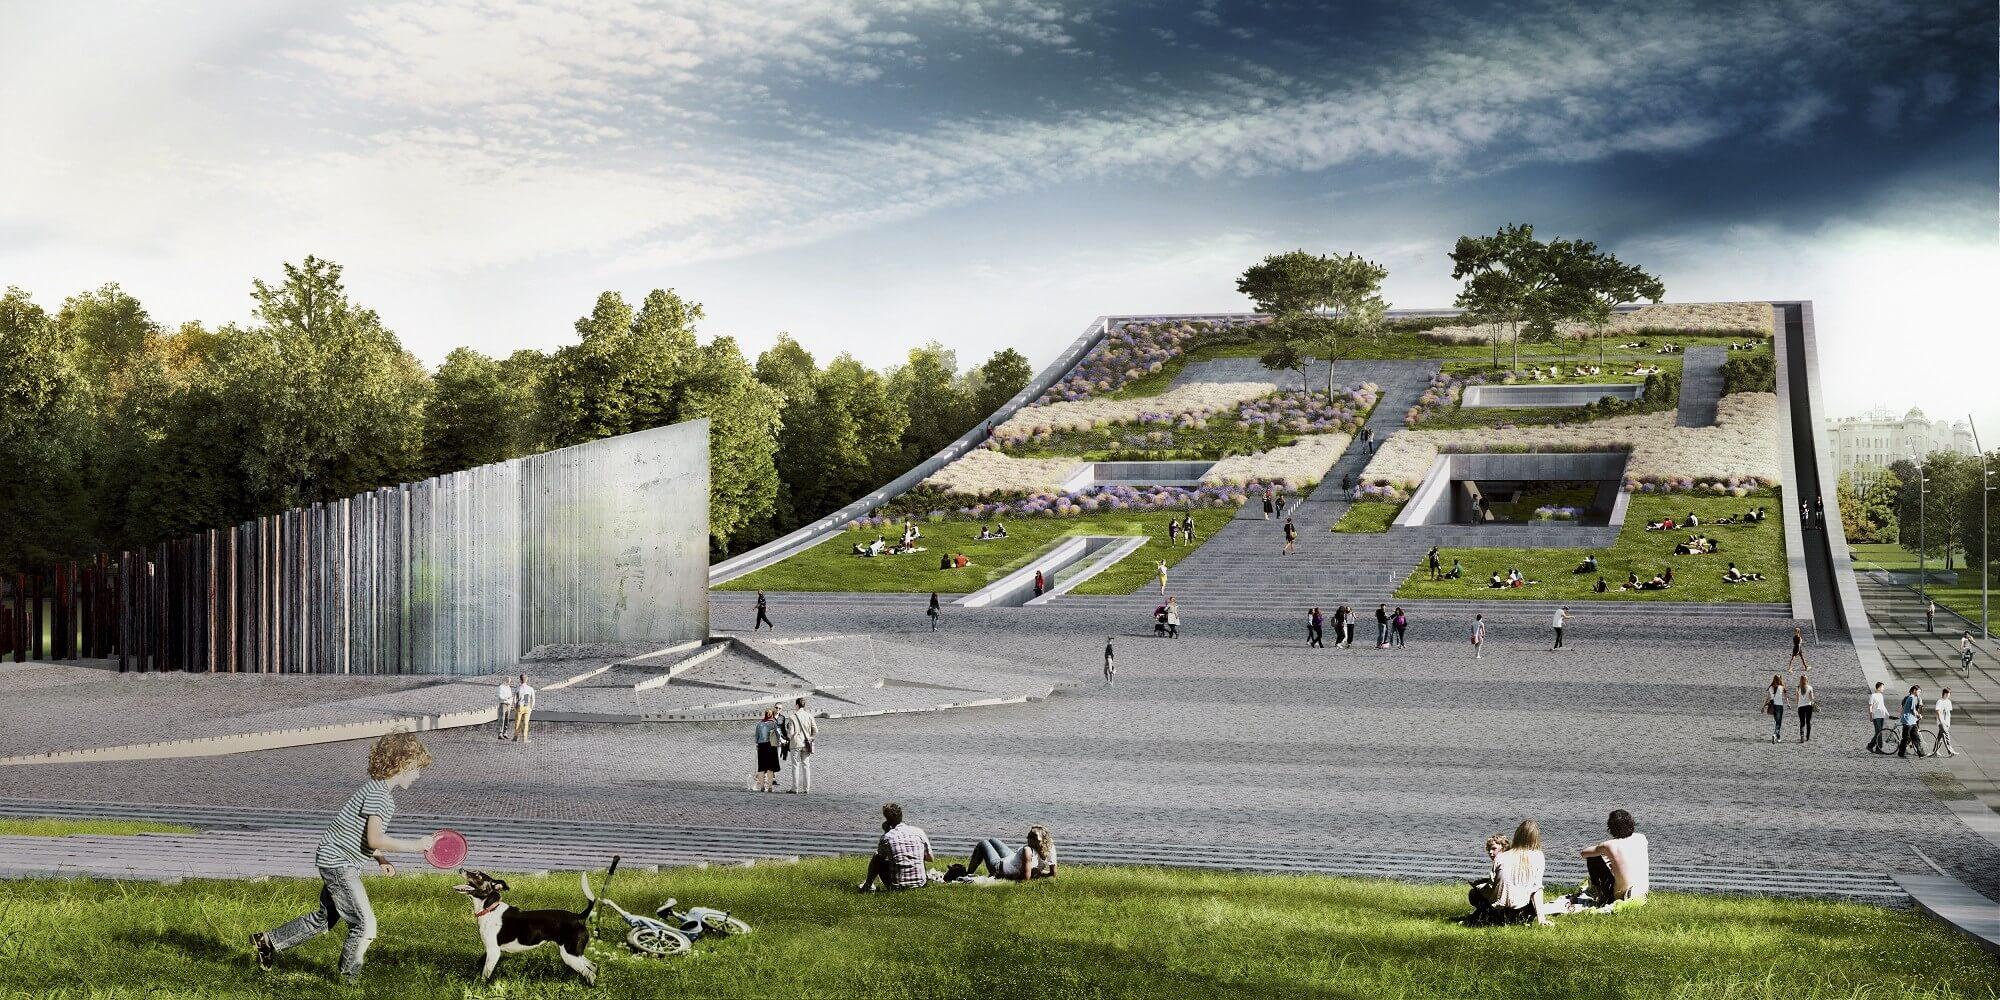 Kiderült, ki építi fel az új Néprajzi Múzeumot